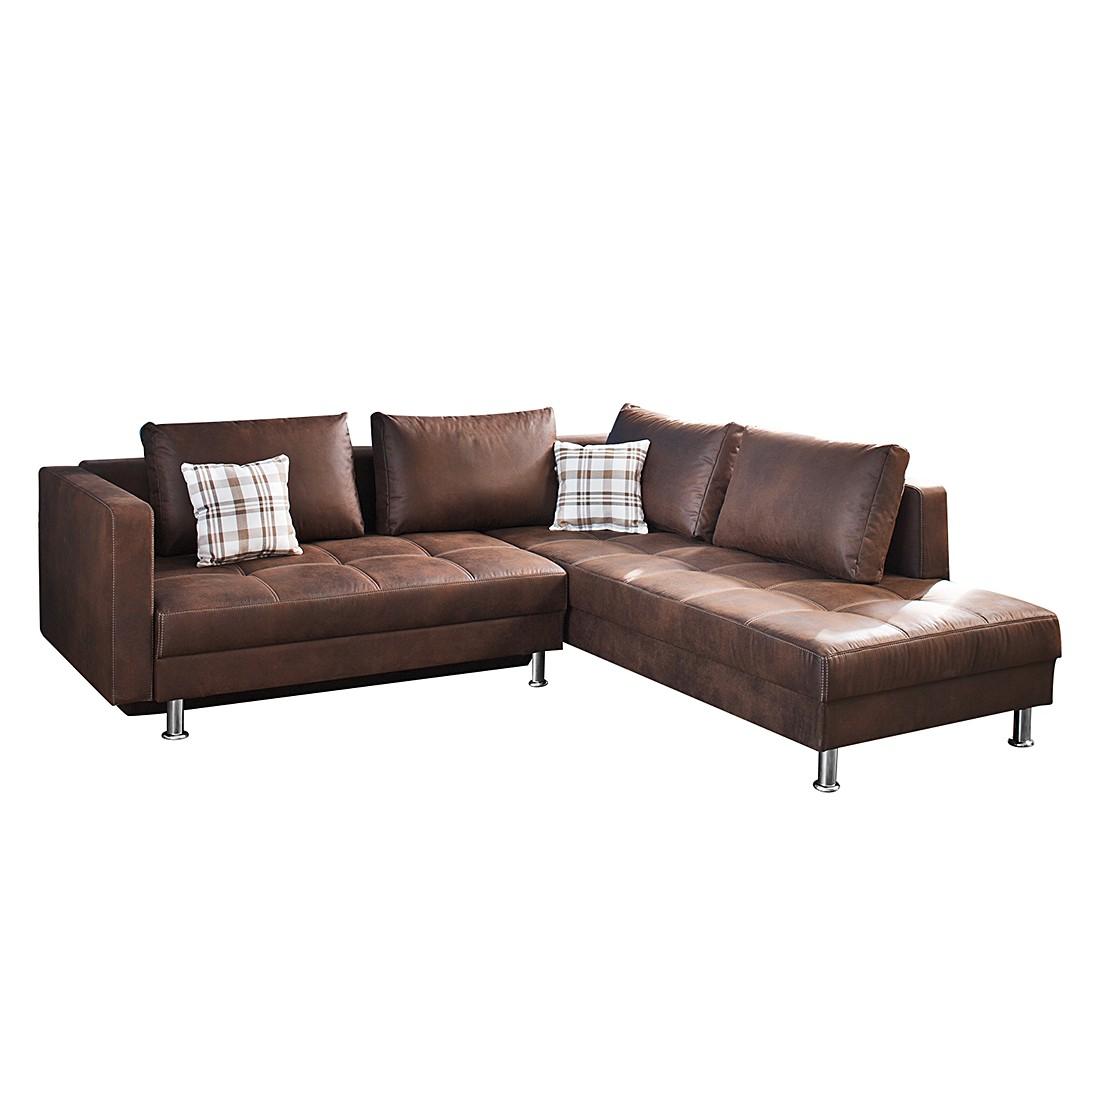 divano ad angolo siralo divano letto prezzi e offerte. Black Bedroom Furniture Sets. Home Design Ideas